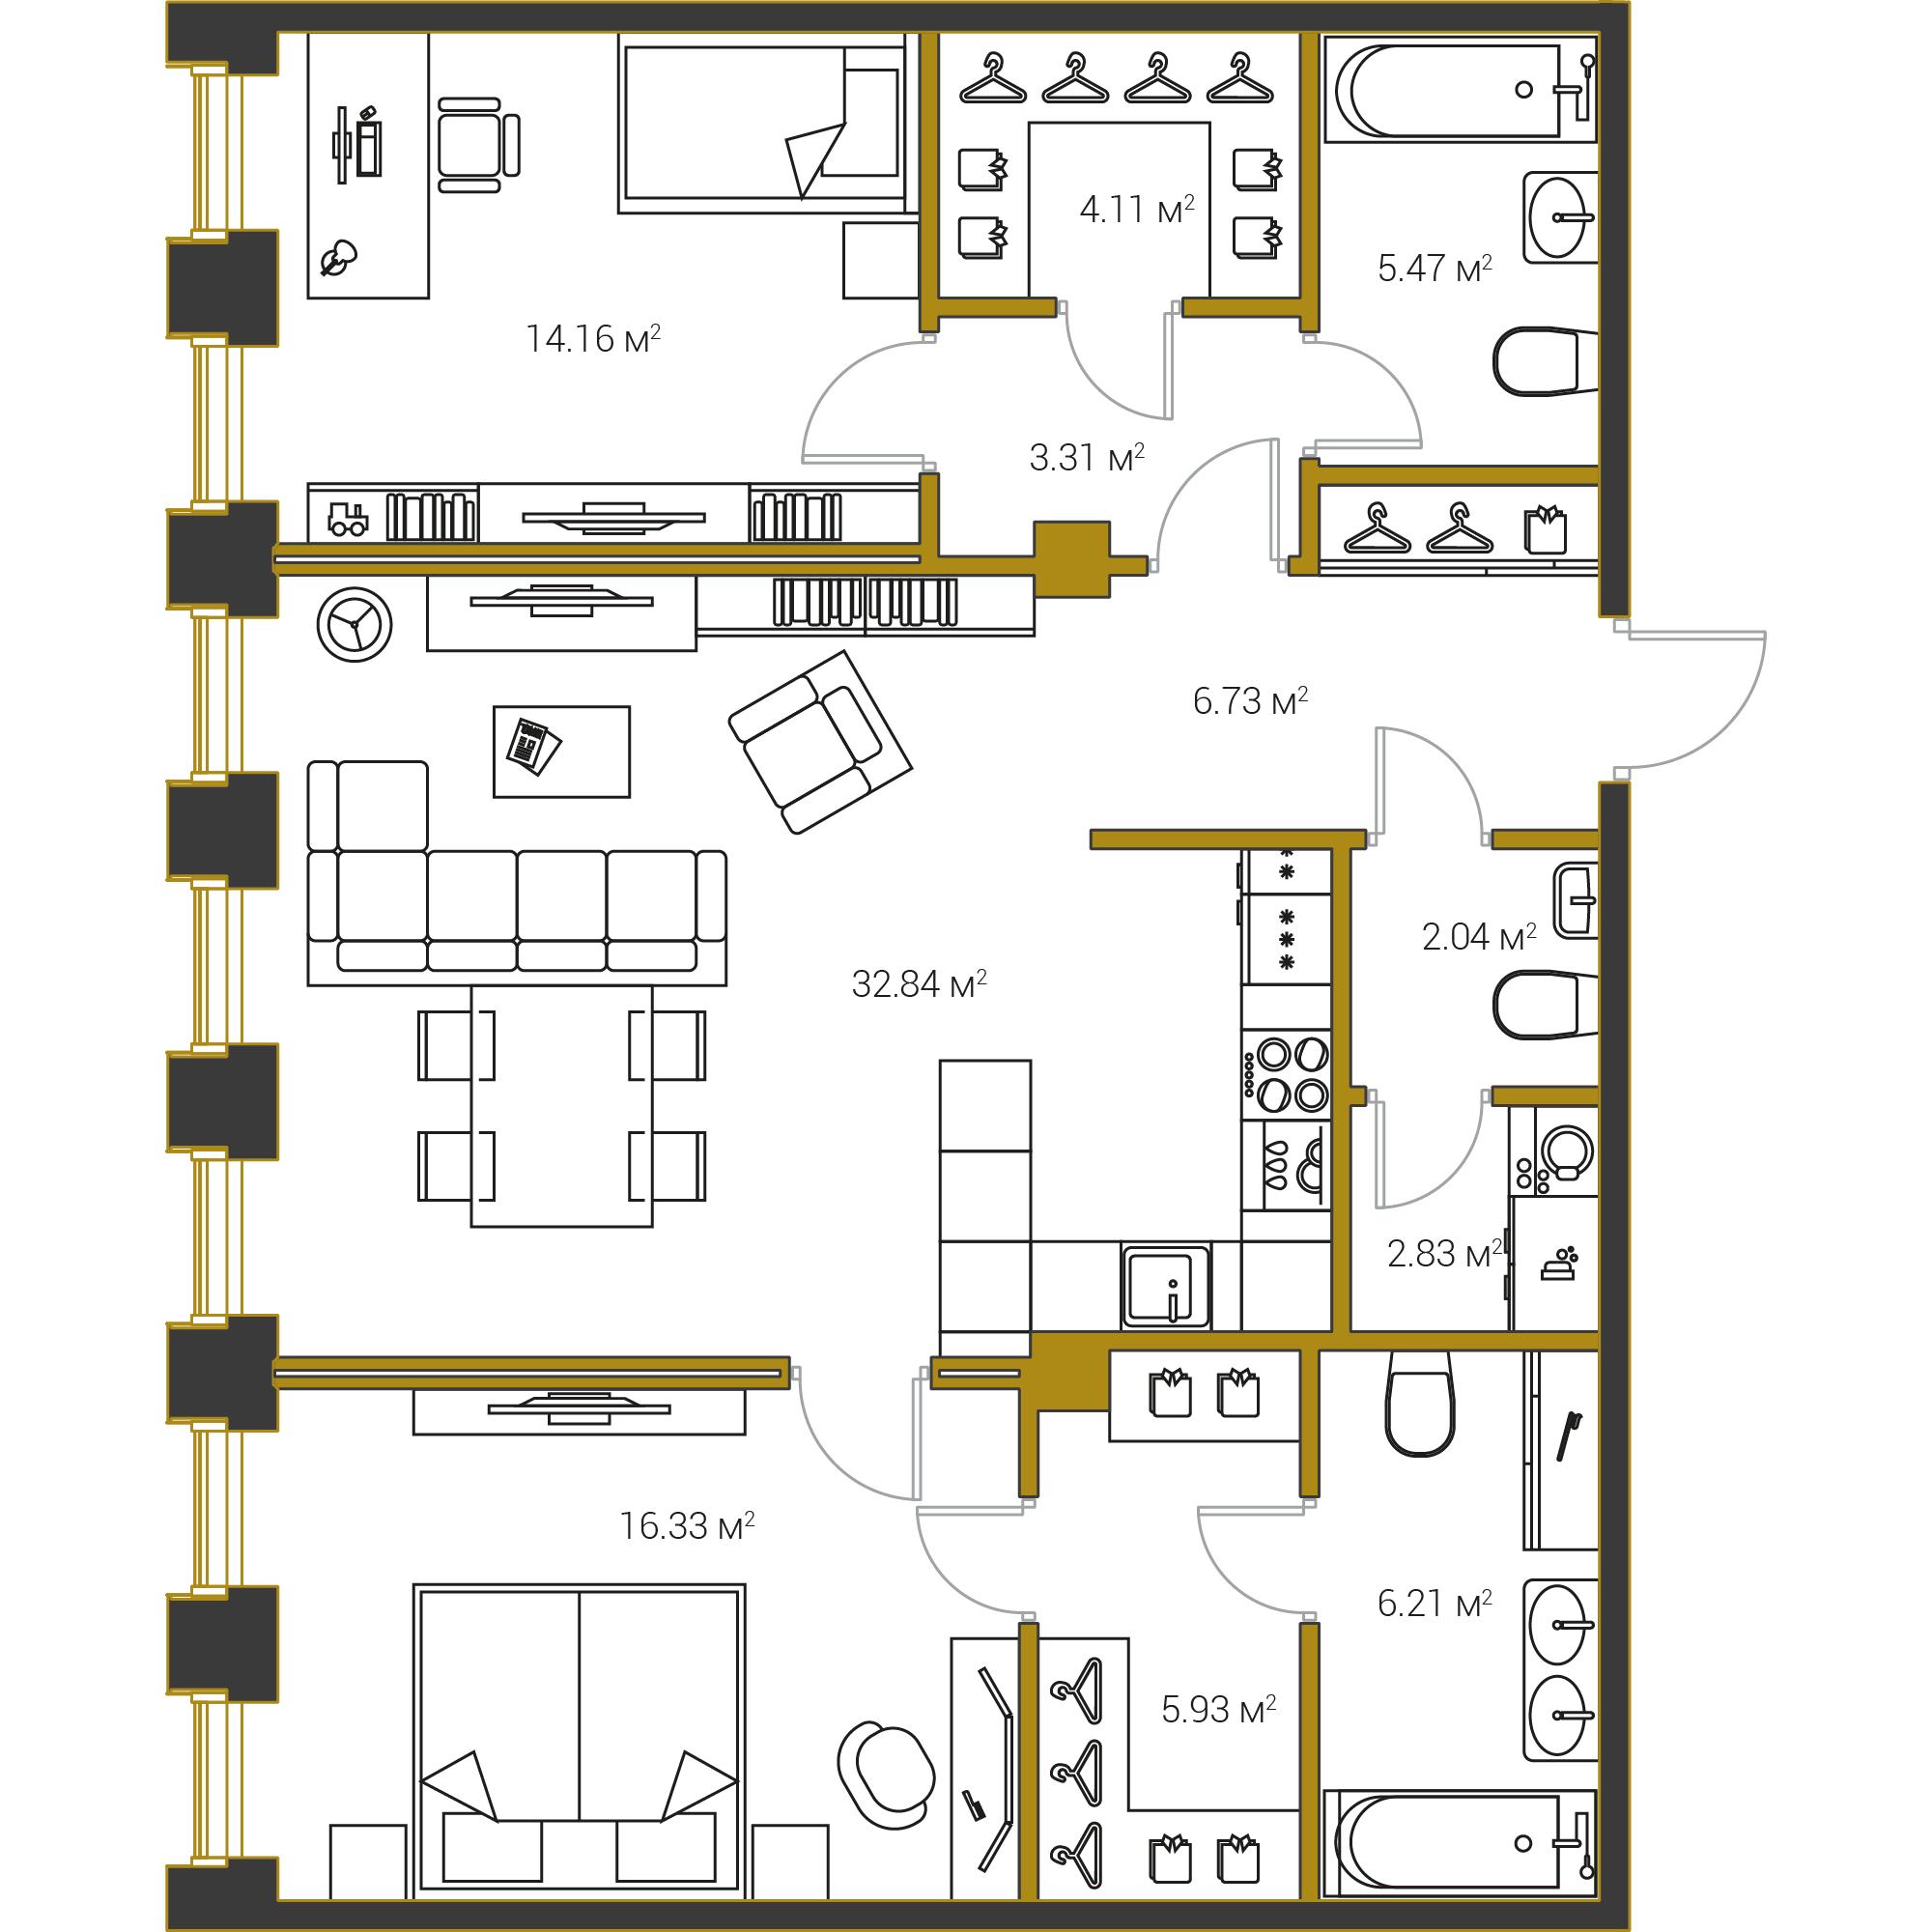 2-комнатная квартира №16 в: Институтский,16: 99.96 м²; этаж: 18 - купить в Санкт-Петербурге